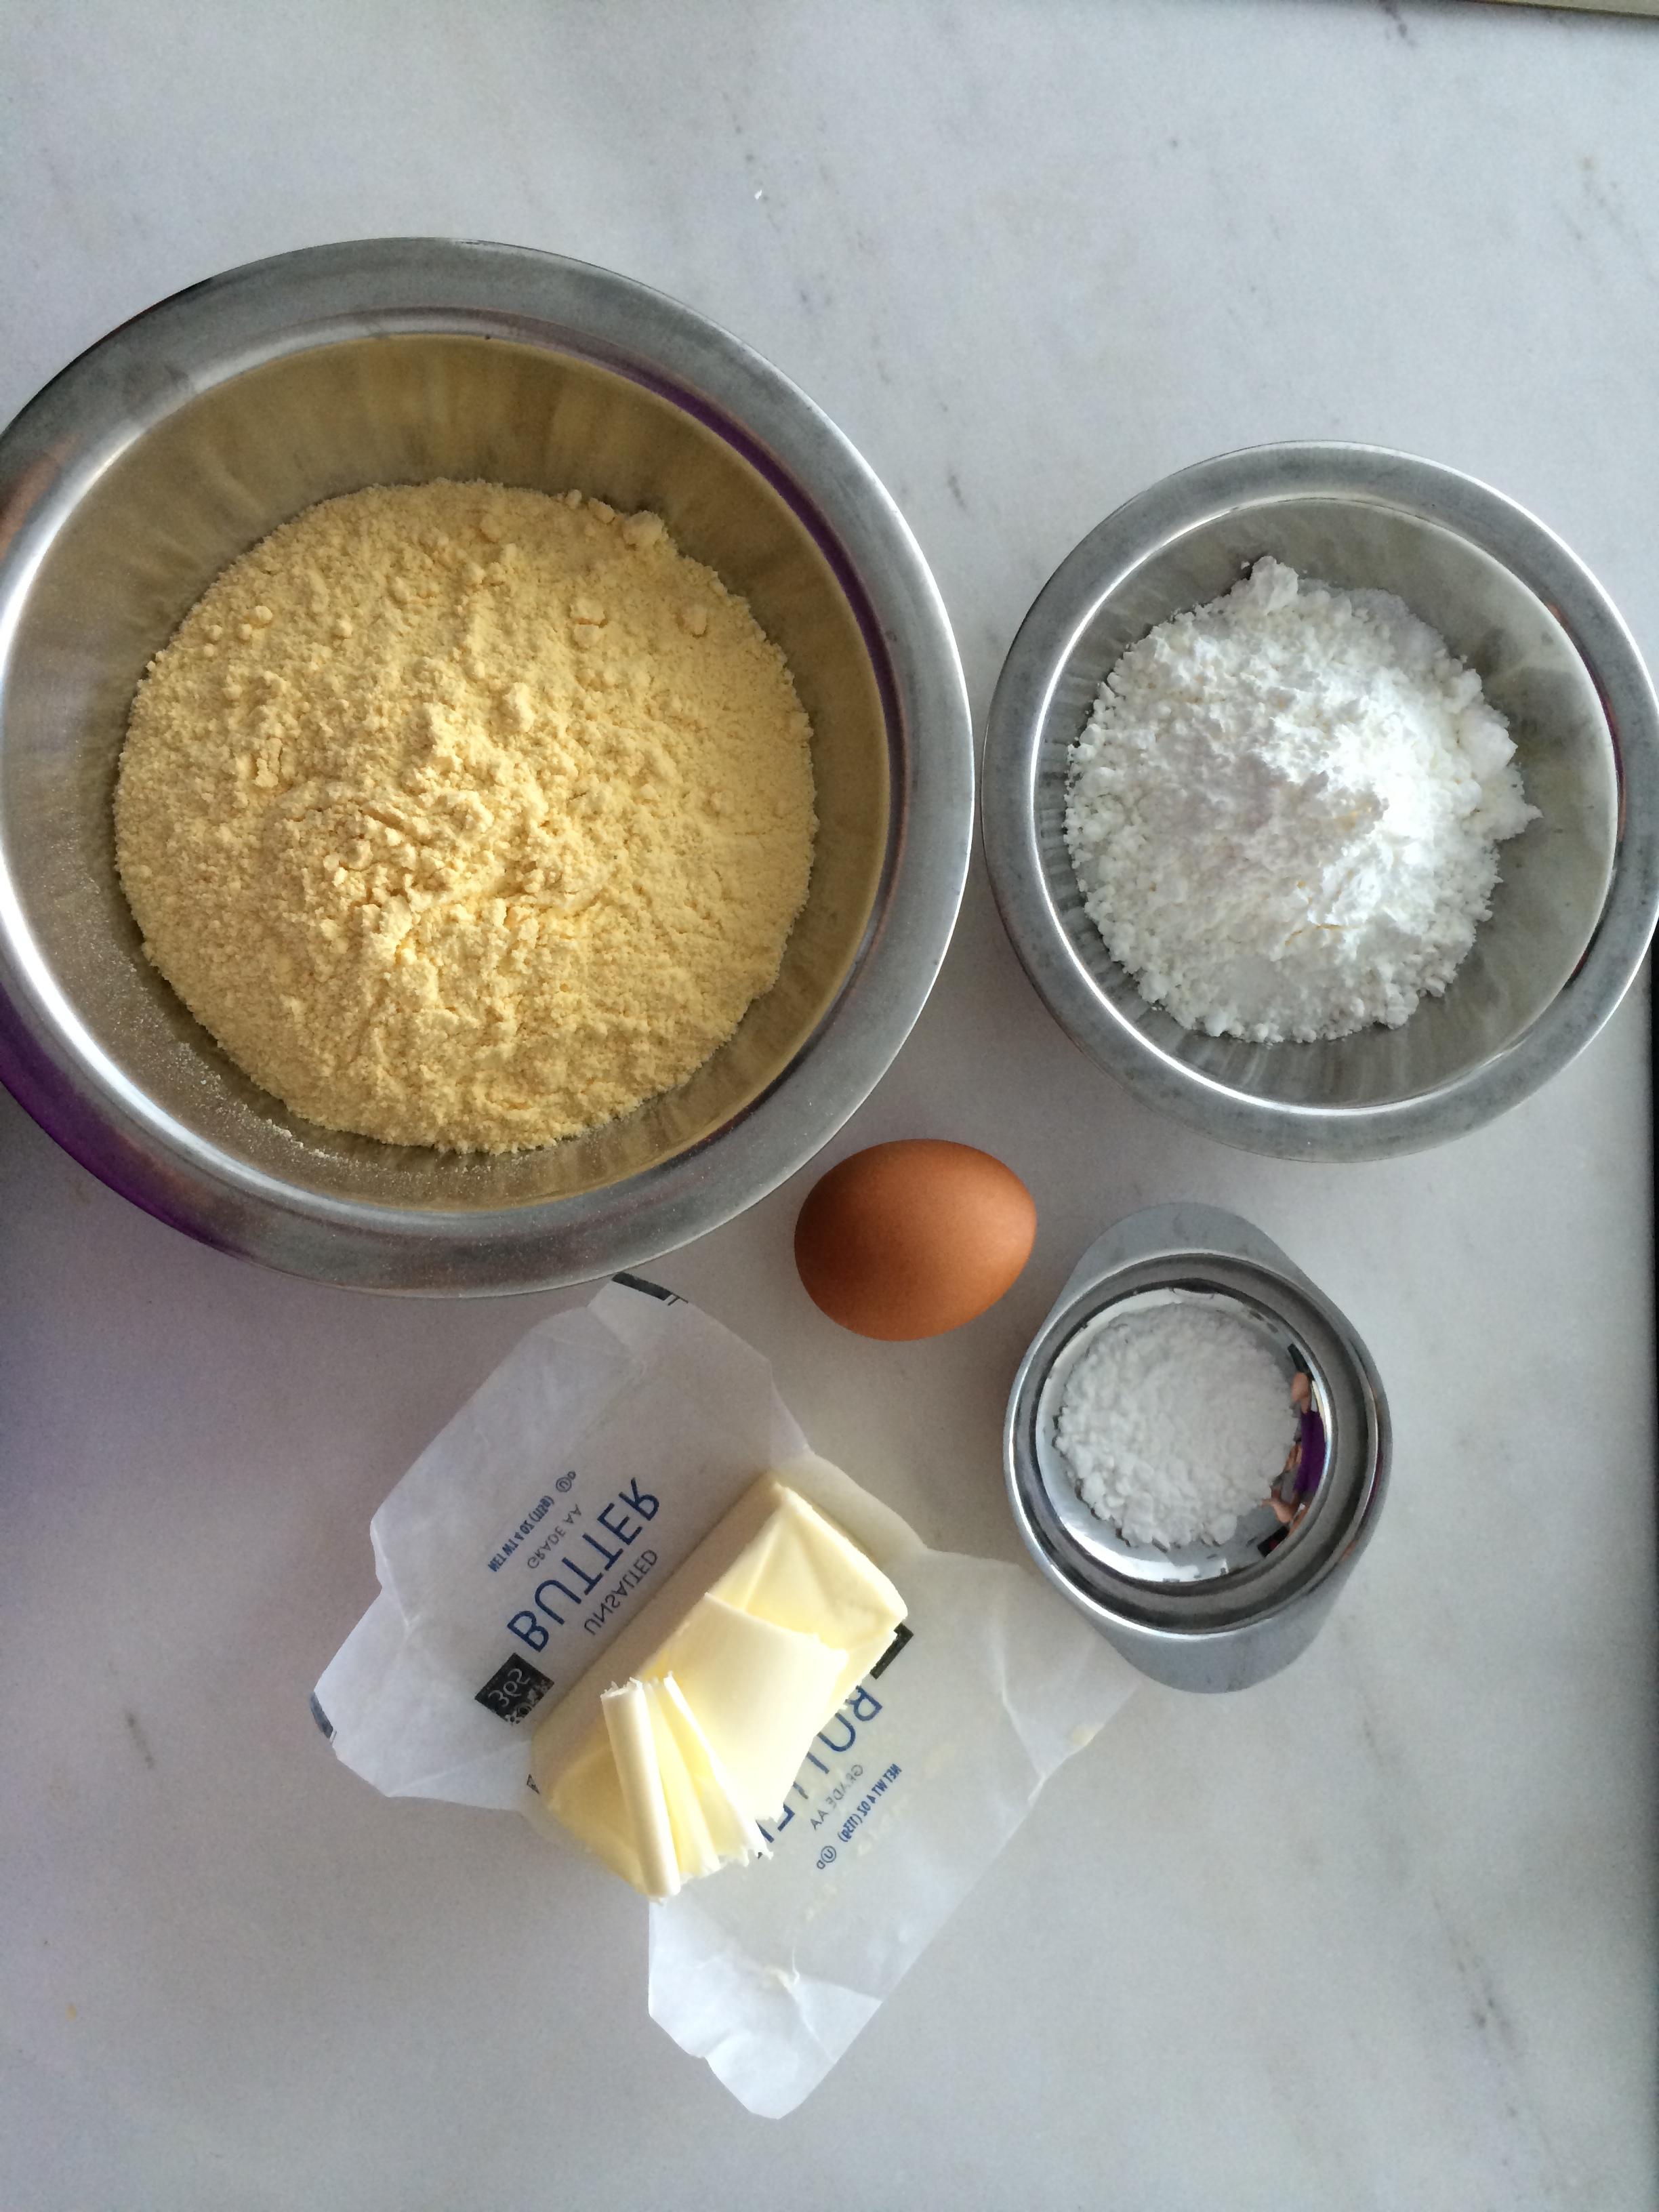 Ingredientes já pesados e separados para começar a receita. Um passo muito importante para que toda receita, por mais simples que seja, dê certo!